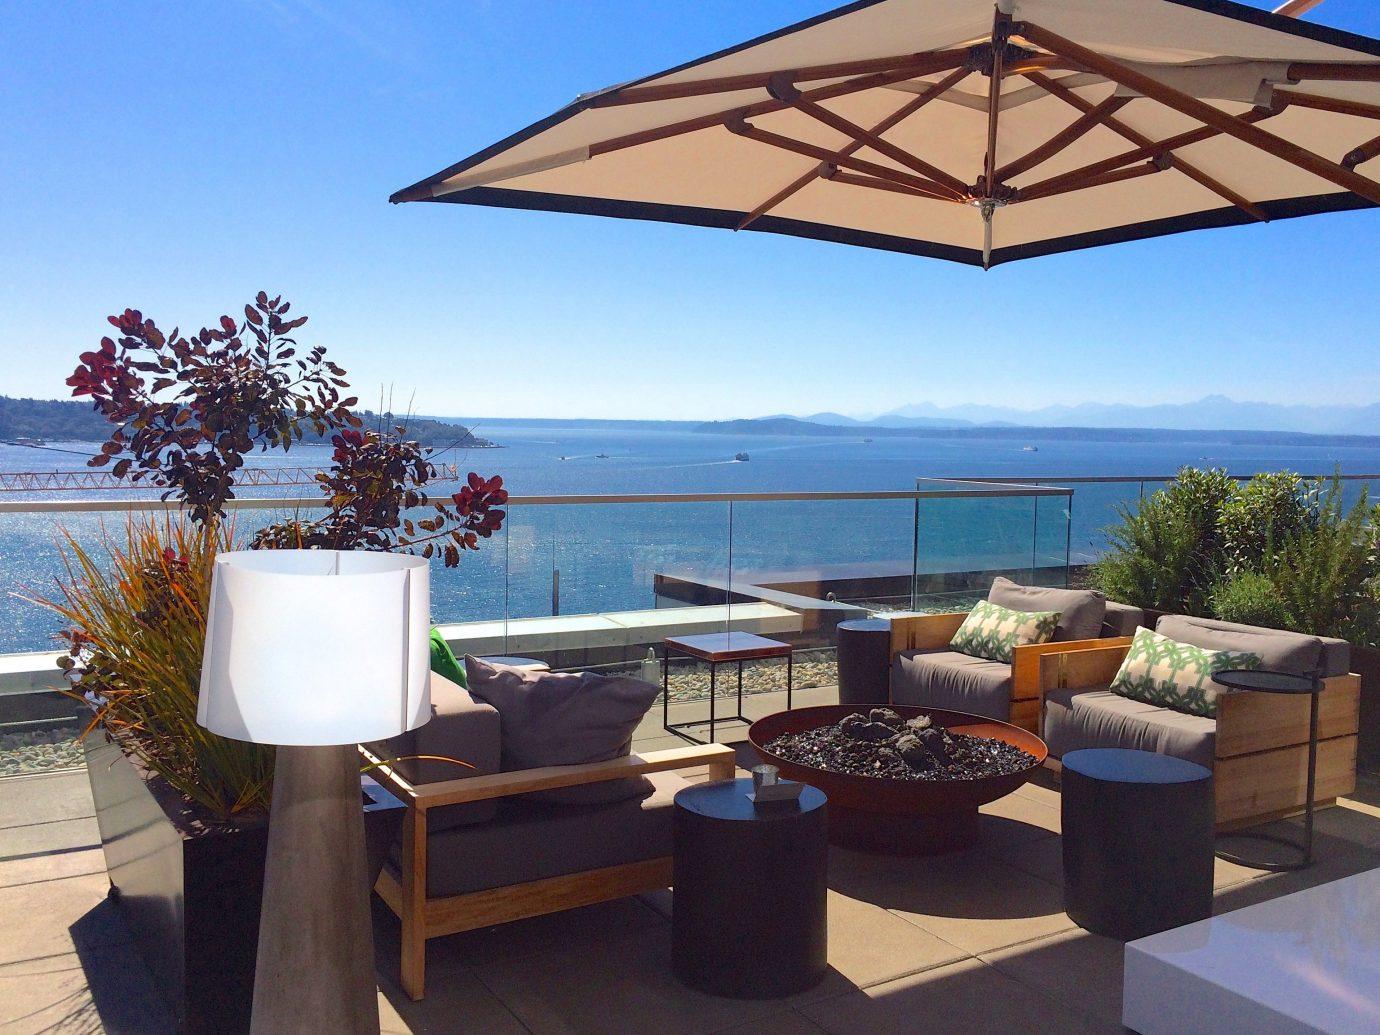 Food + Drink sky outdoor property building Villa estate Resort cottage real estate outdoor structure furniture several